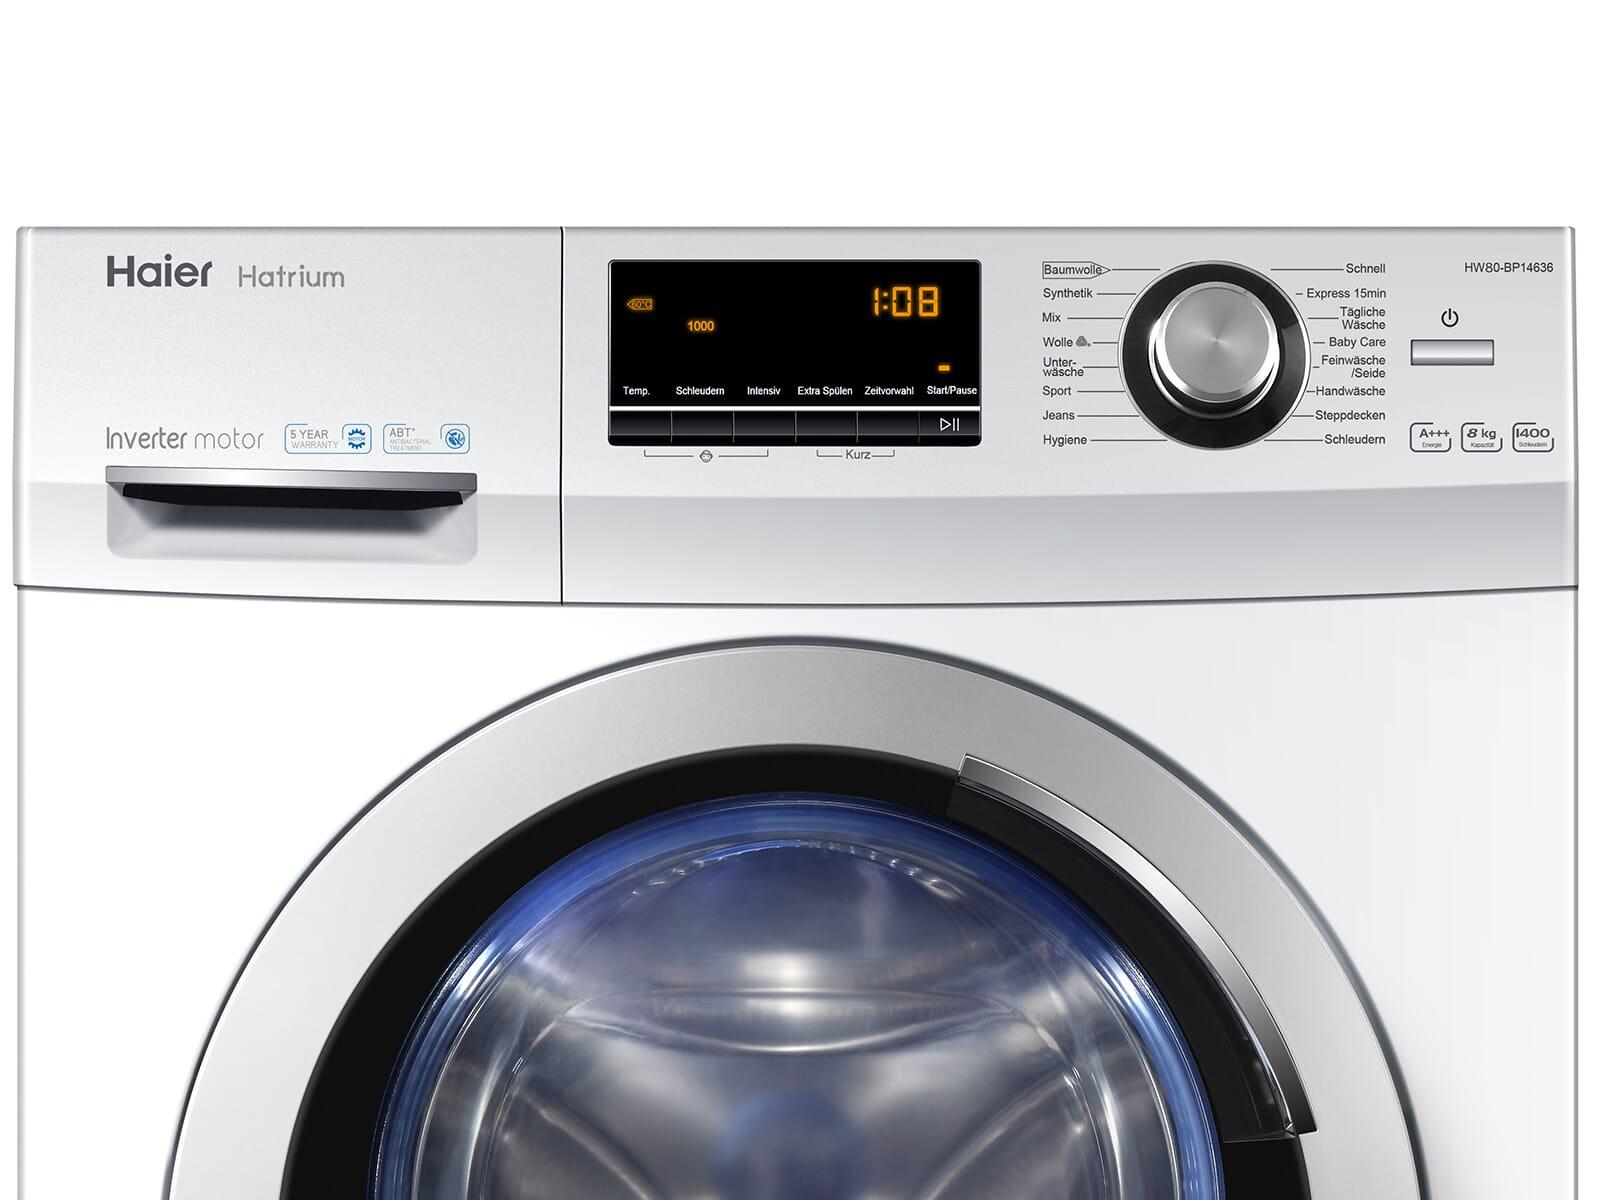 Haier HW80-BP14636 Waschmaschine Weiß